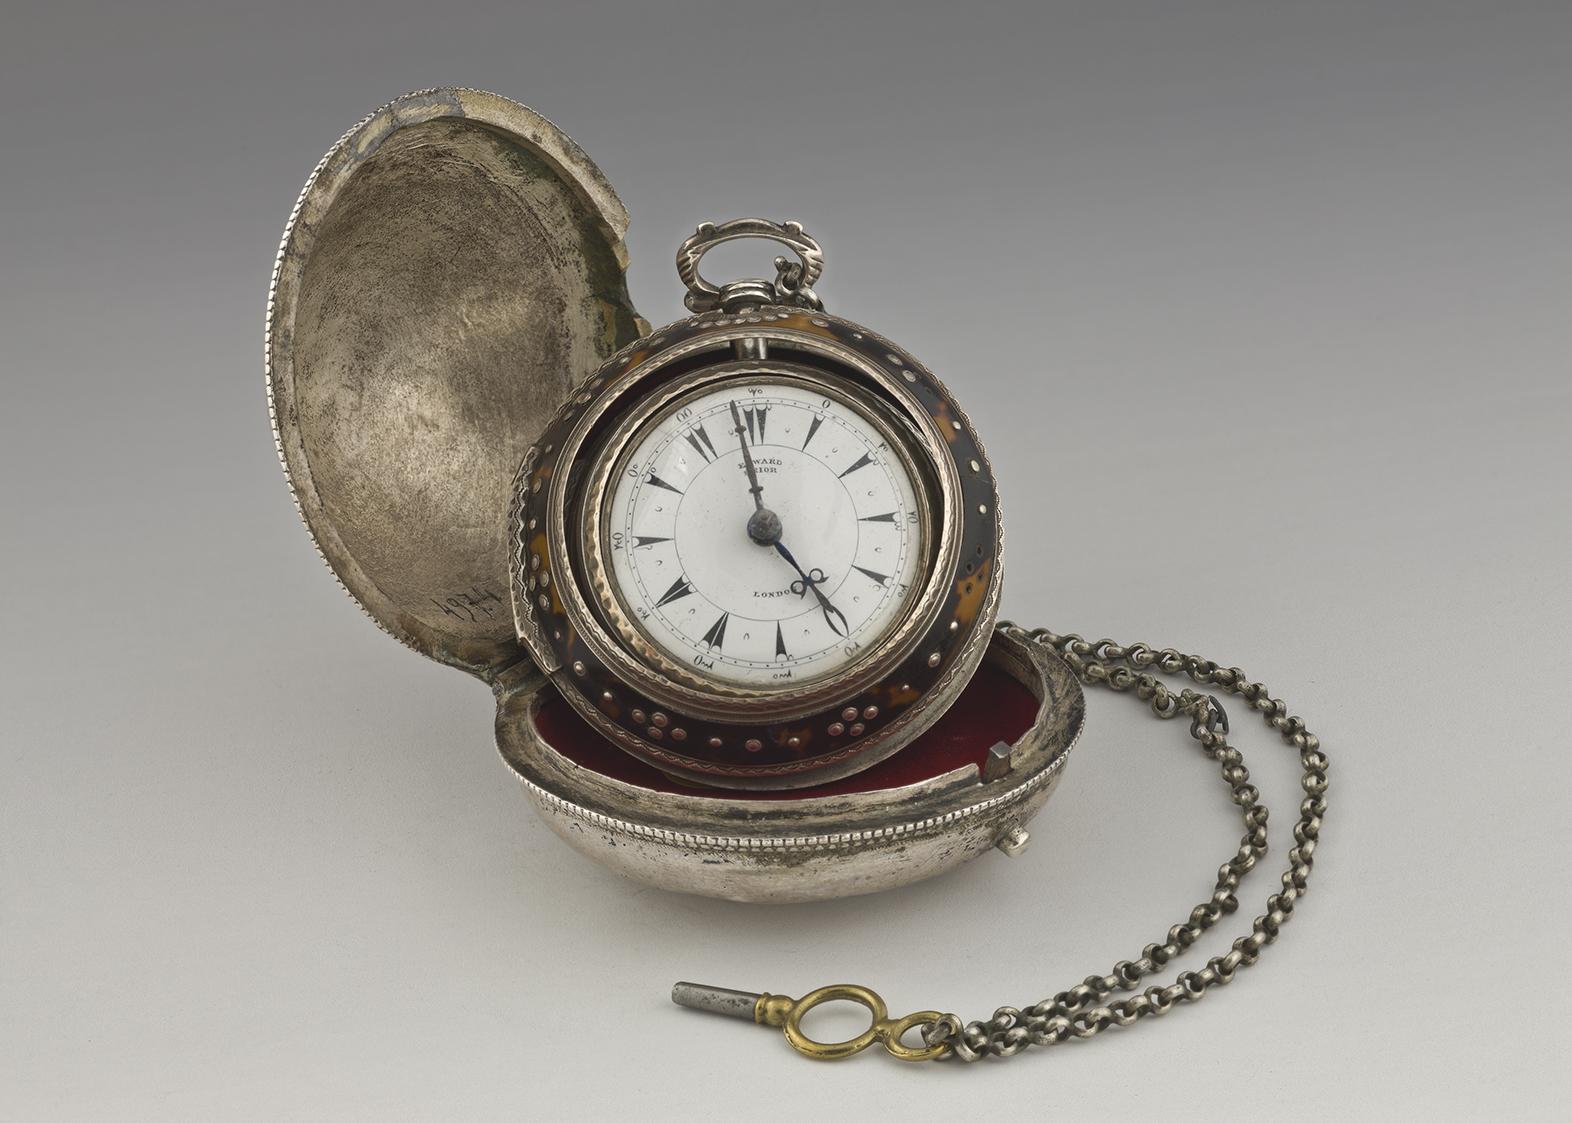 Ρολόι Κανέλλου Δεληγιάννη , ΙΕΕΕ-ΕΙΜ. Ρολόι τσέπης τύπου 'κρεμμύδι'. Τα ρολόγια αυτά, δυτικής προέλευσης, αποτελούσαν πολύτιμο περιουσιακό στοιχείο και ένδειξη κοινωνικού κύρους. Επενδύονταν με εξωτερικό ασημένιο κάλυμμα από ντόπιους αργυροχόους. Ο Κανέλλος απέκτησε το ρολόι στο τέλος της ζωής του. Κατασκευαστής Edward Prior, 1860. Επίχρυσος μηχανισμός, ασήμι, ταρταρούγα.